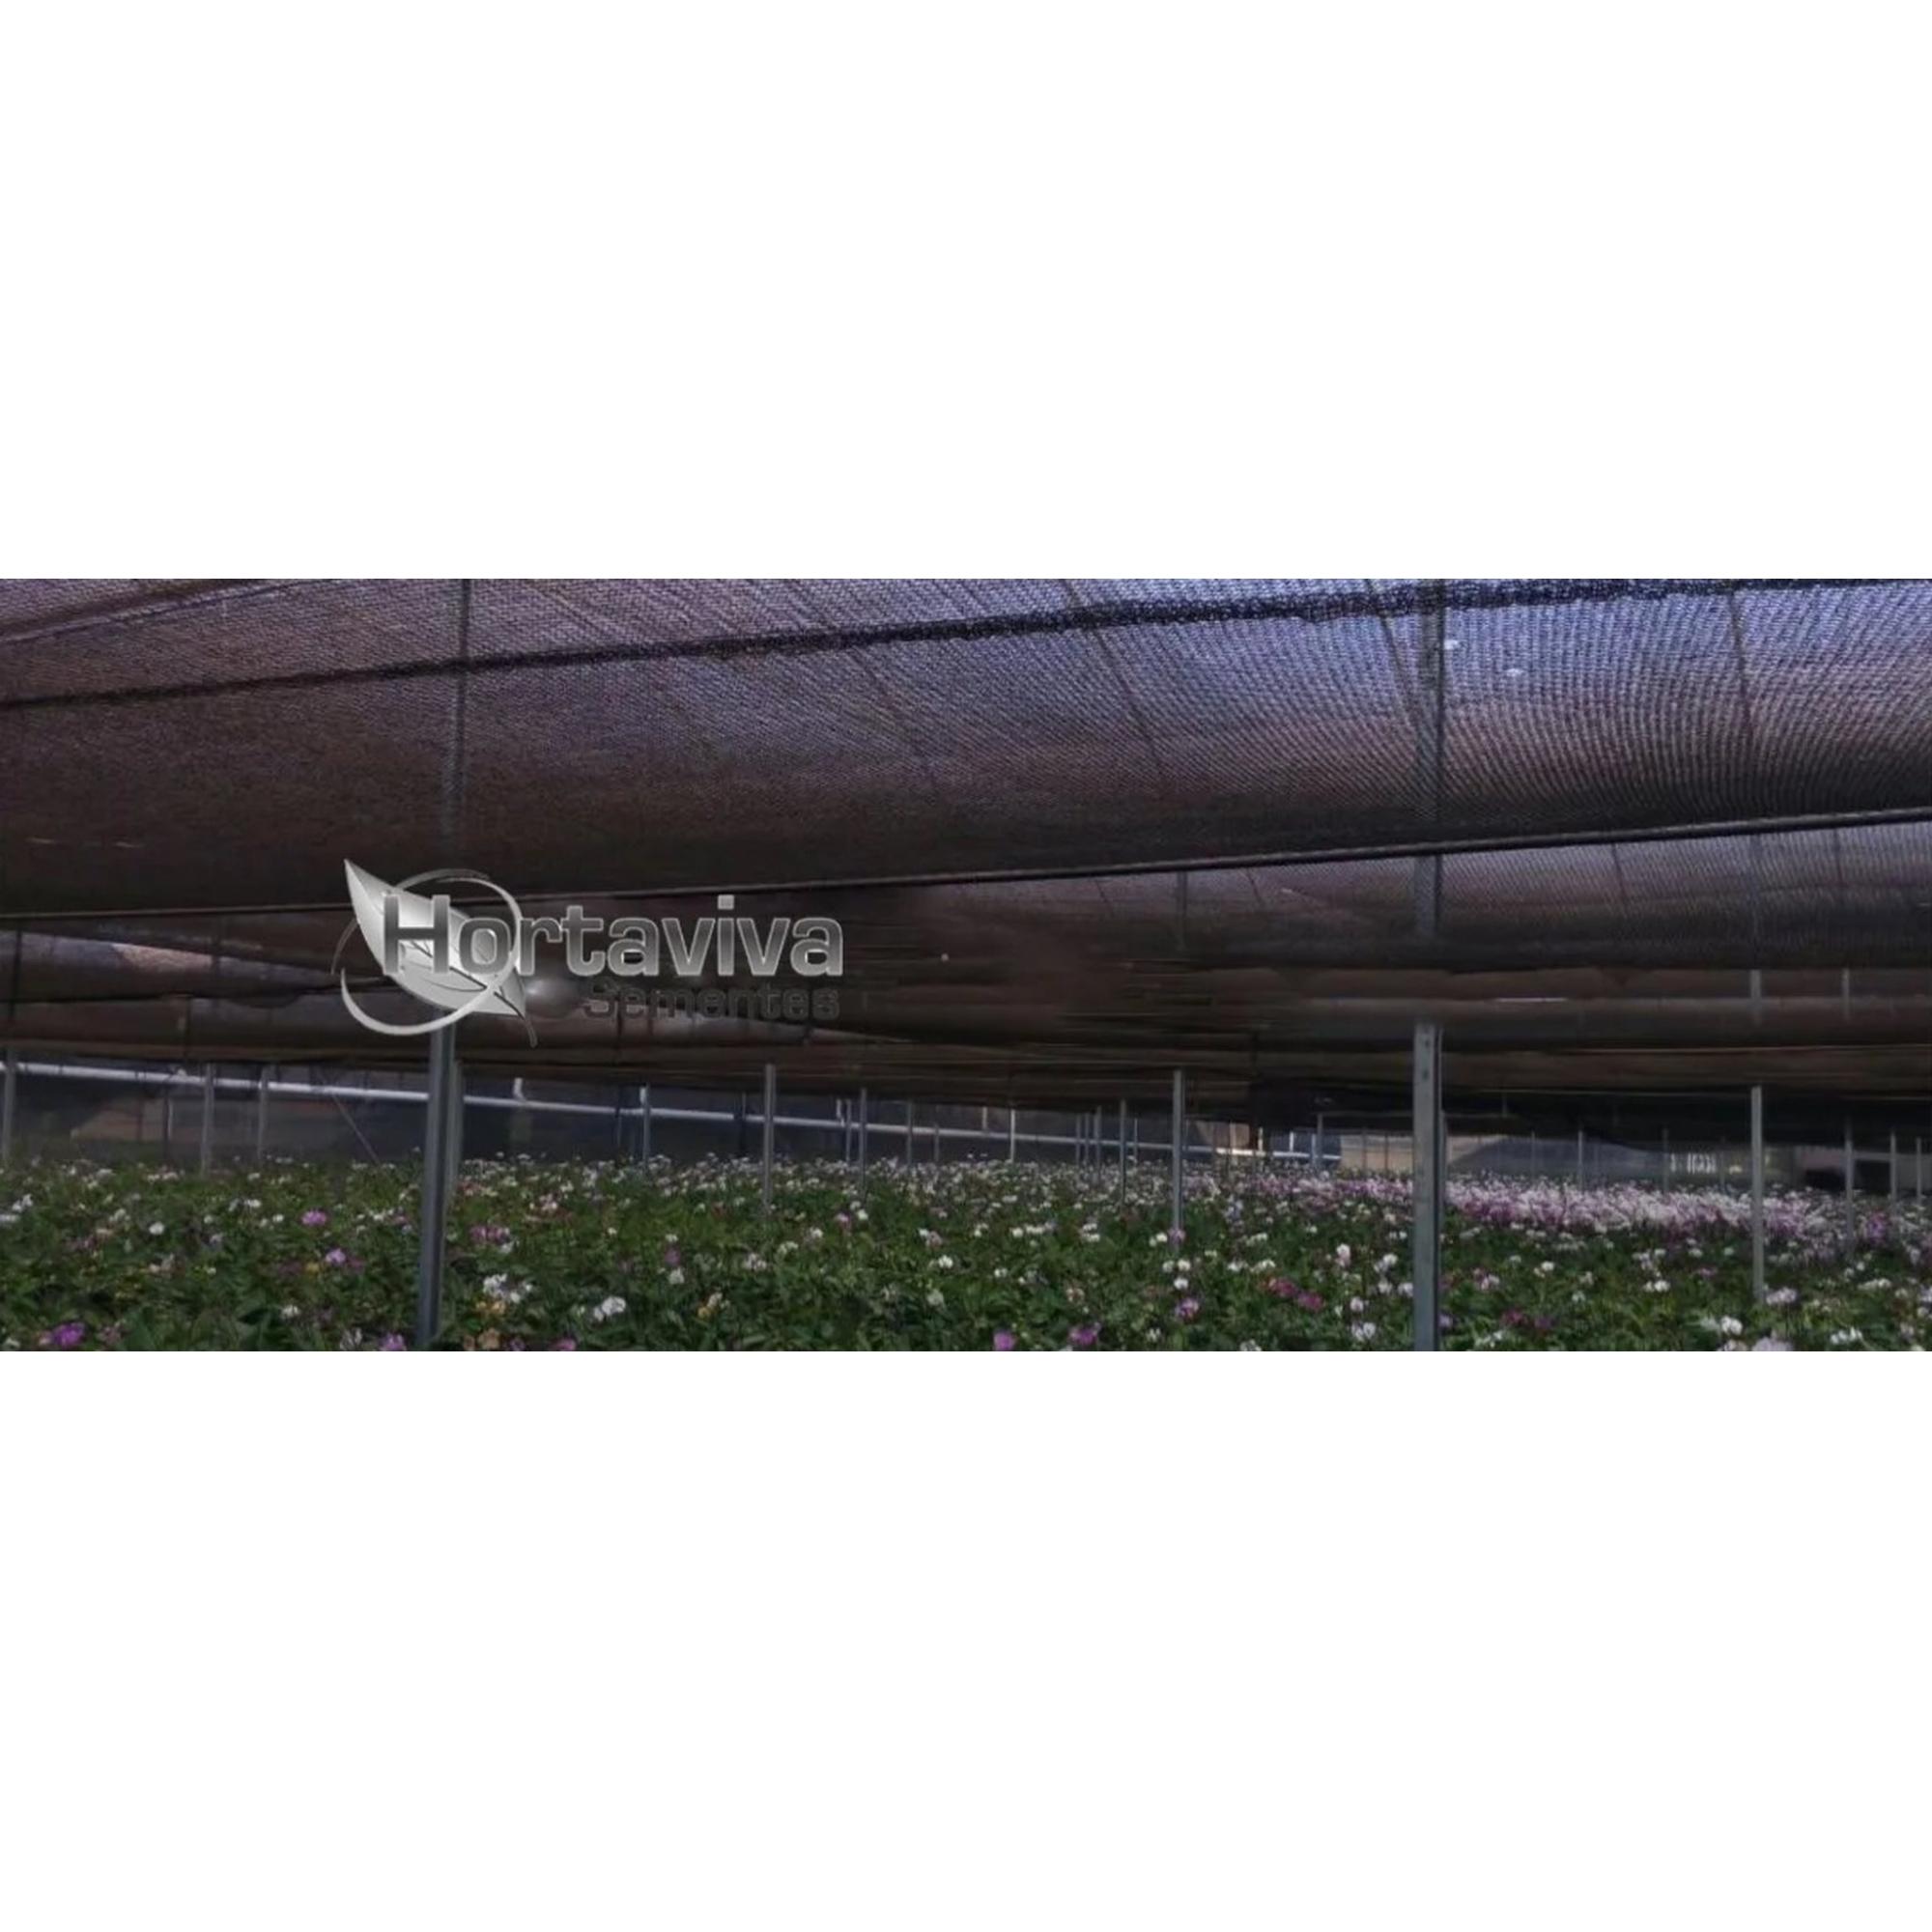 Tela de Sombreamento Preta 50% - 6 Metros x 15 Metros